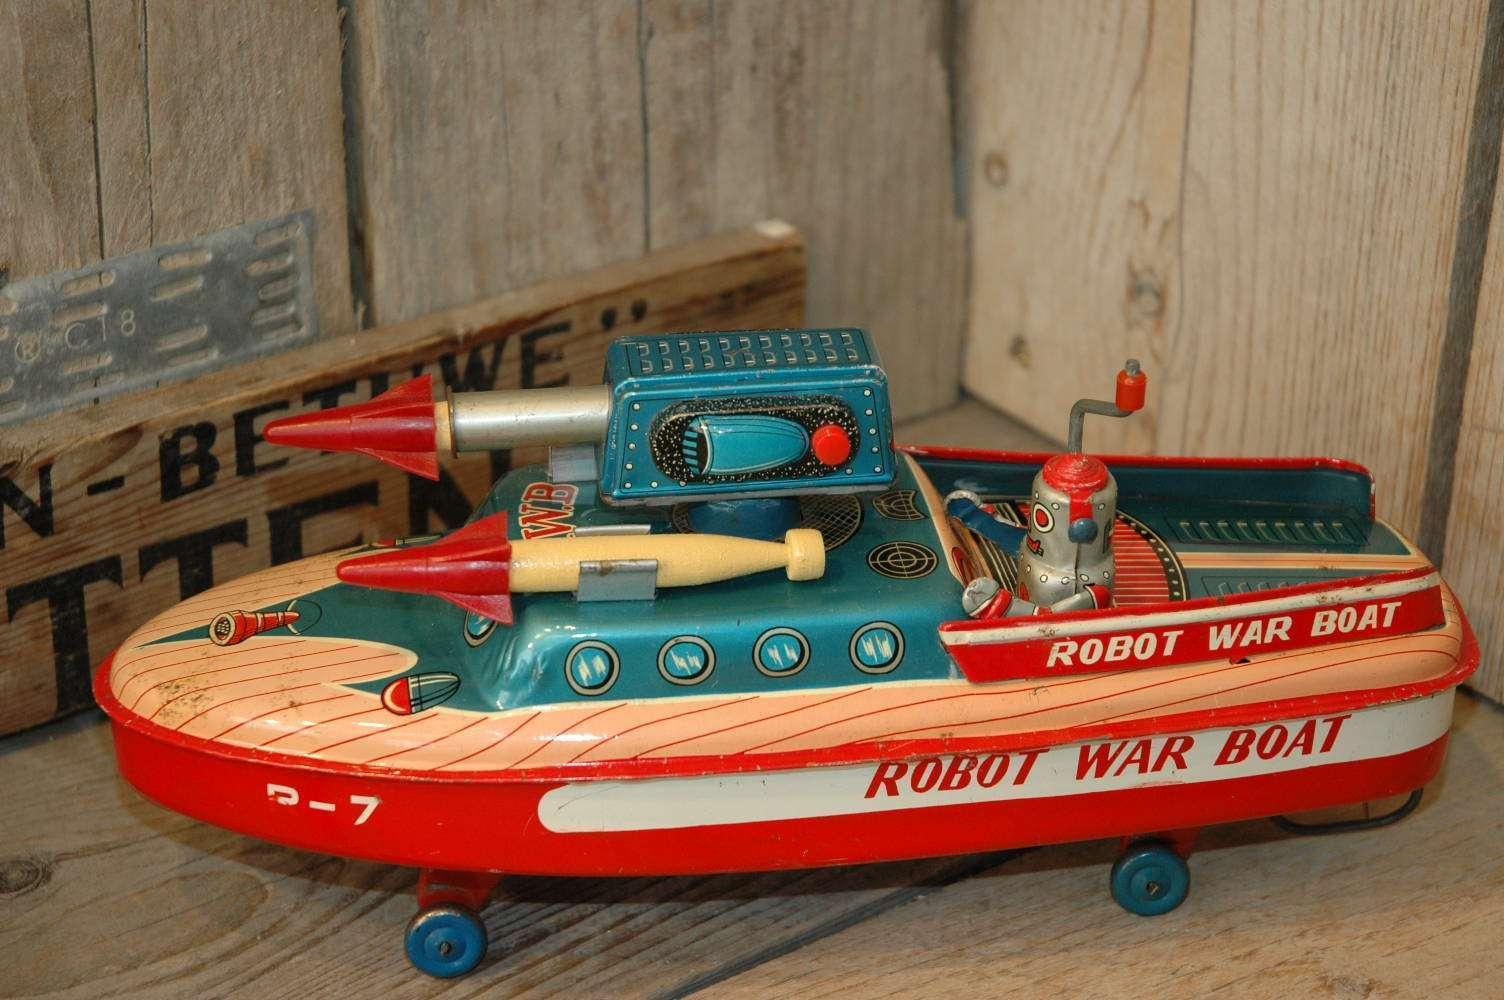 ASC - Robot War Boat R-7